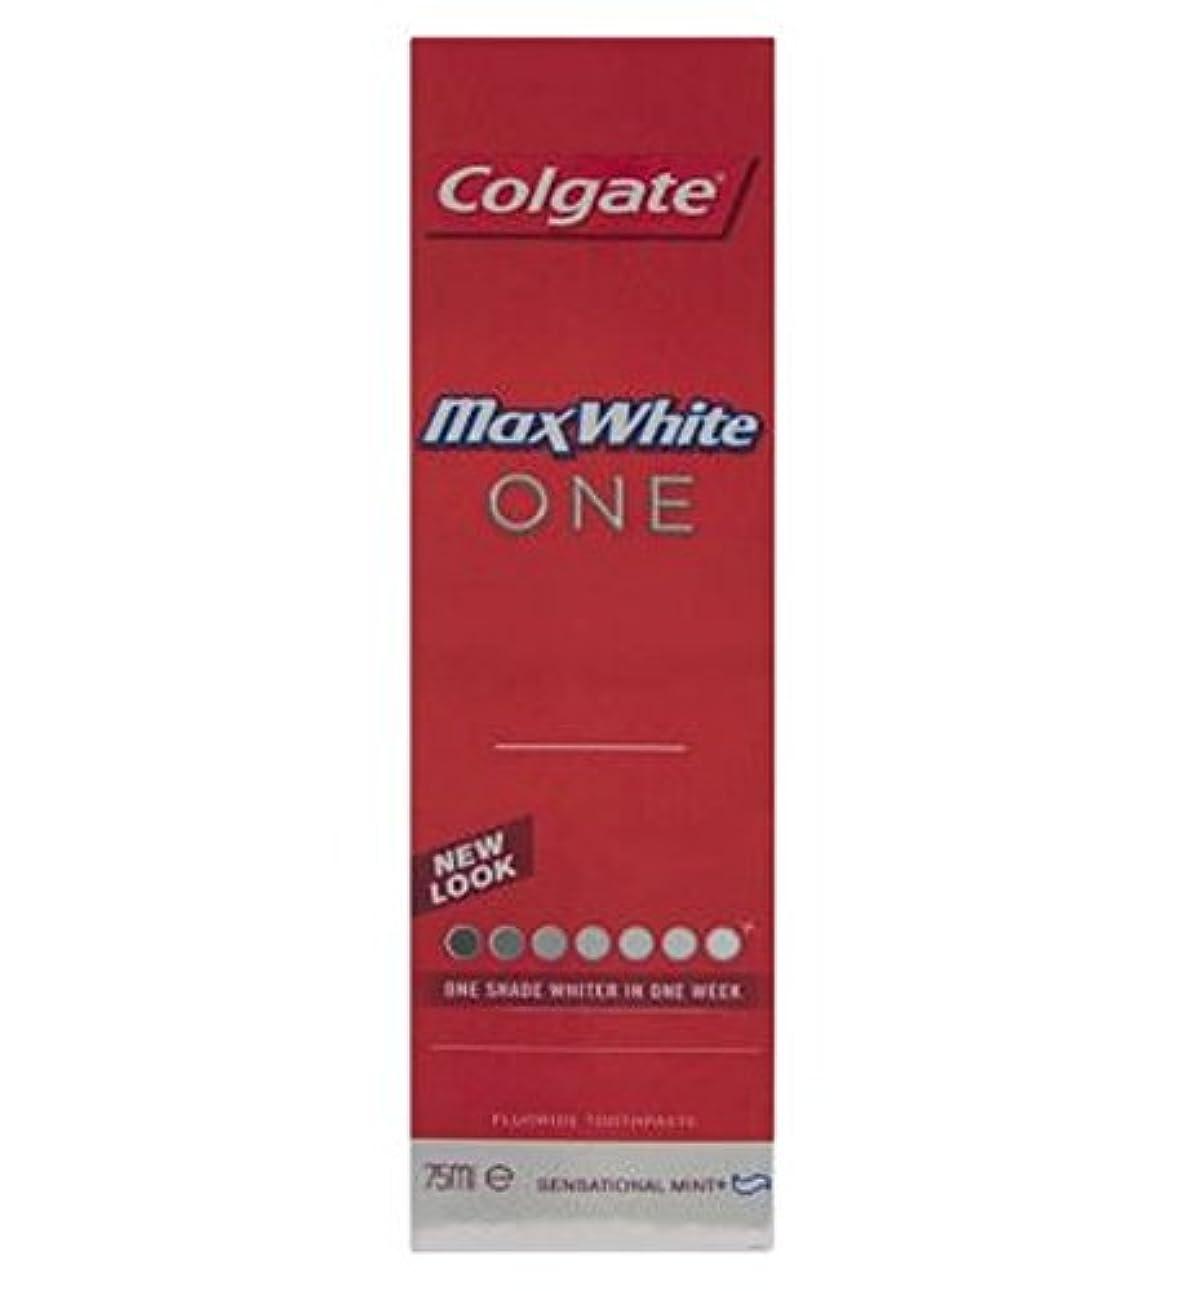 異議歩き回る墓コルゲートマックスホワイト1新鮮な歯磨き粉75ミリリットル (Colgate) (x2) - Colgate Max White One Fresh toothpaste 75ml (Pack of 2) [並行輸入品]